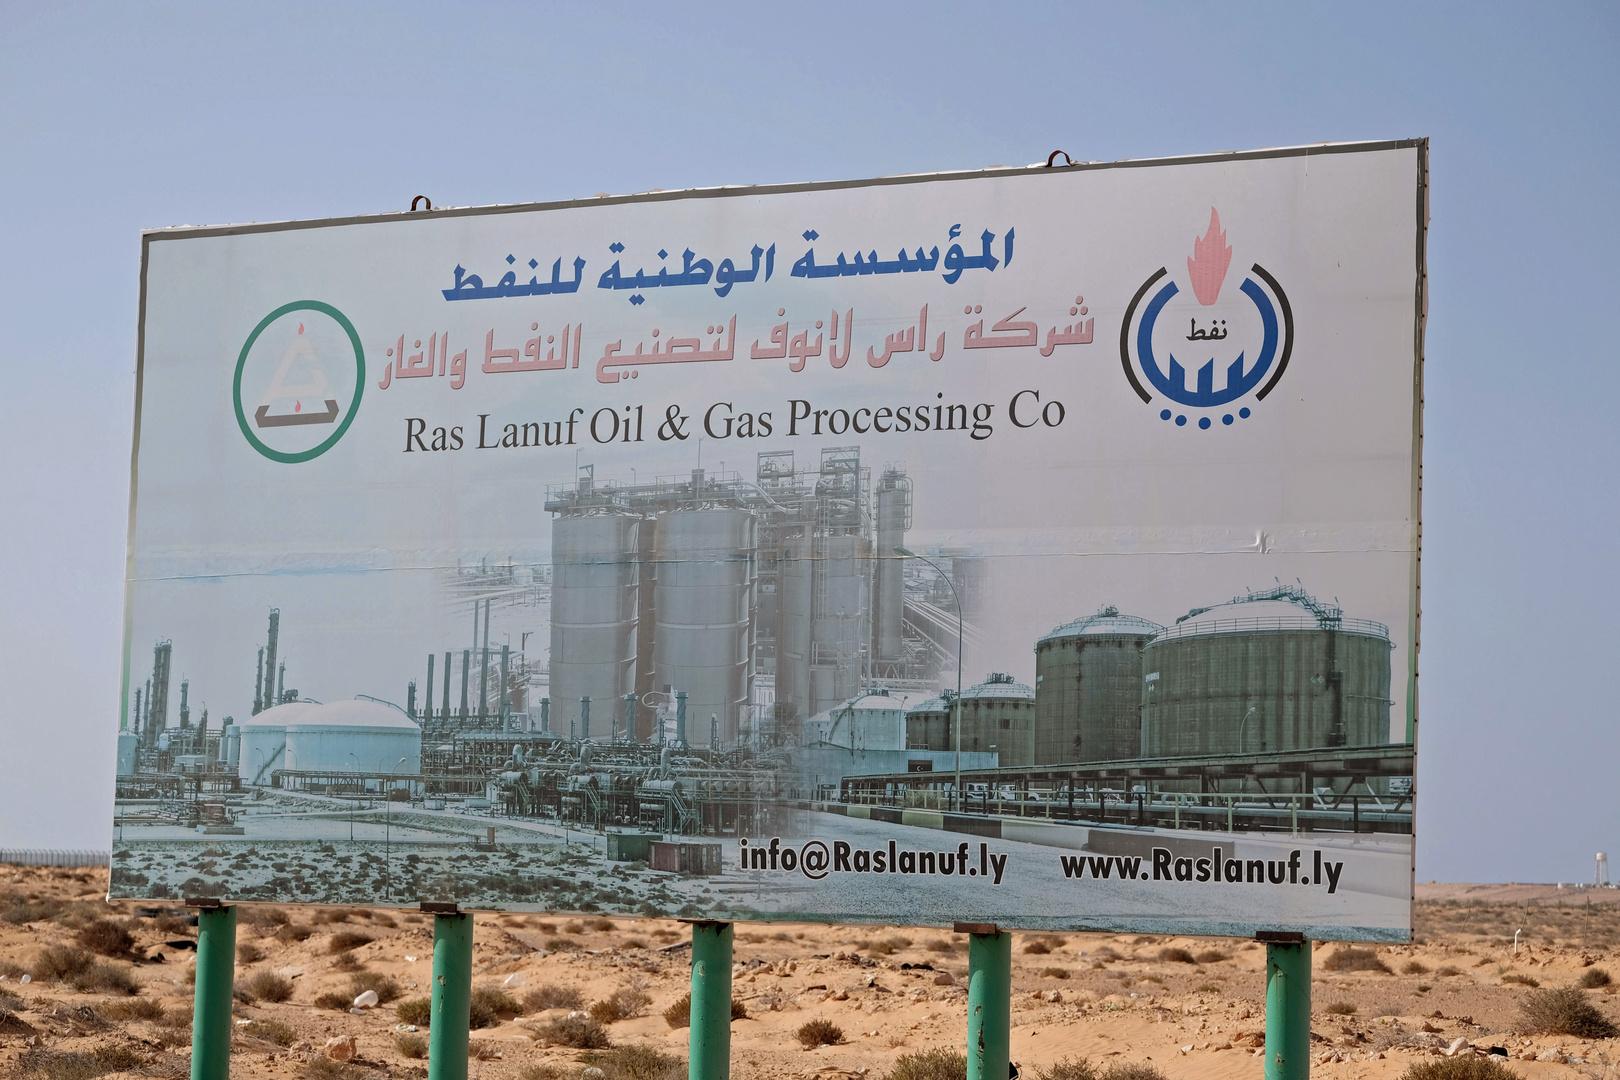 ليبيا.. رفع حالة القوة القاهرة عن حقل الفيل النفطي